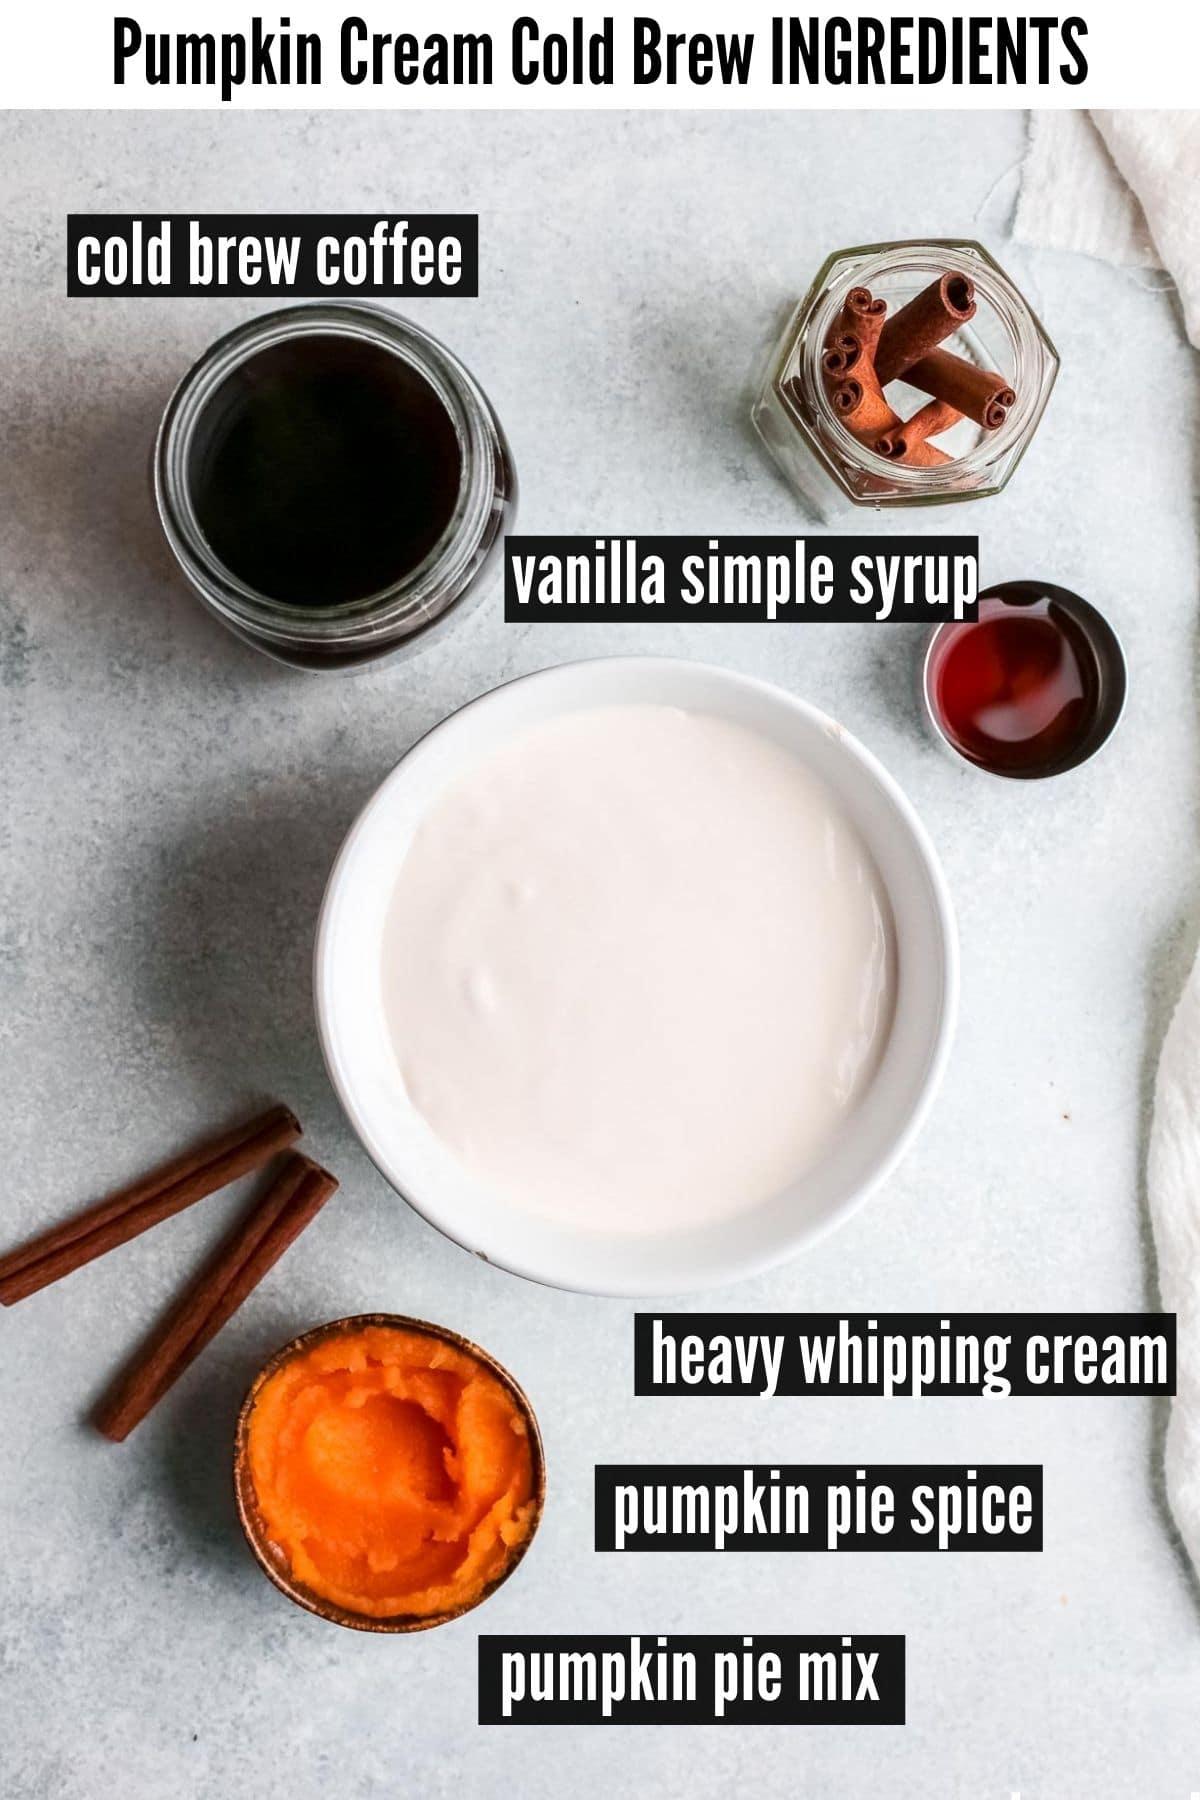 pumpkin cream cold brew ingredients labelled